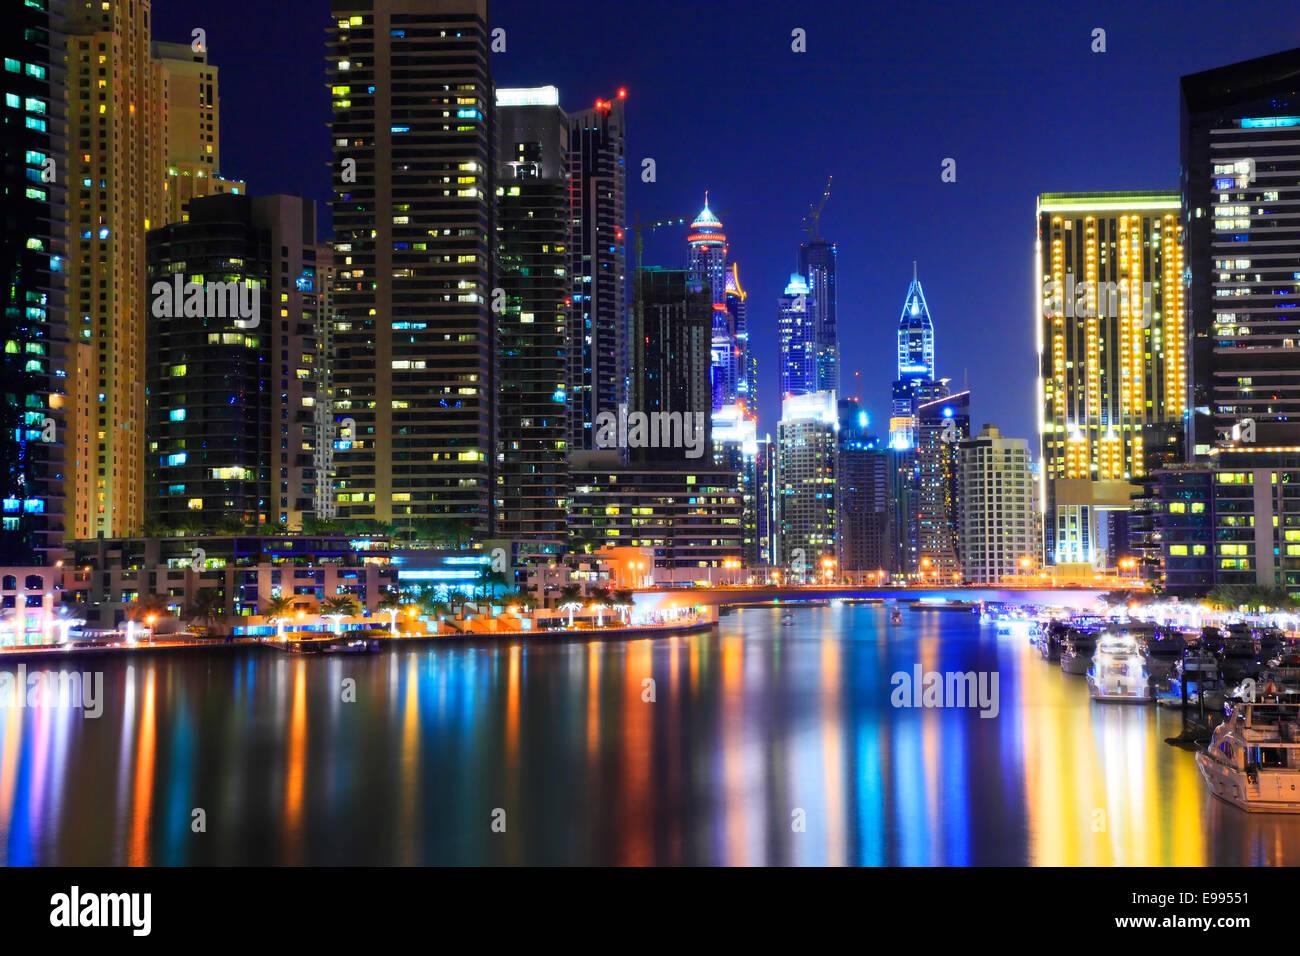 Dubai Marina en la noche.reflejo de rascacielos en el agua. Foto de stock